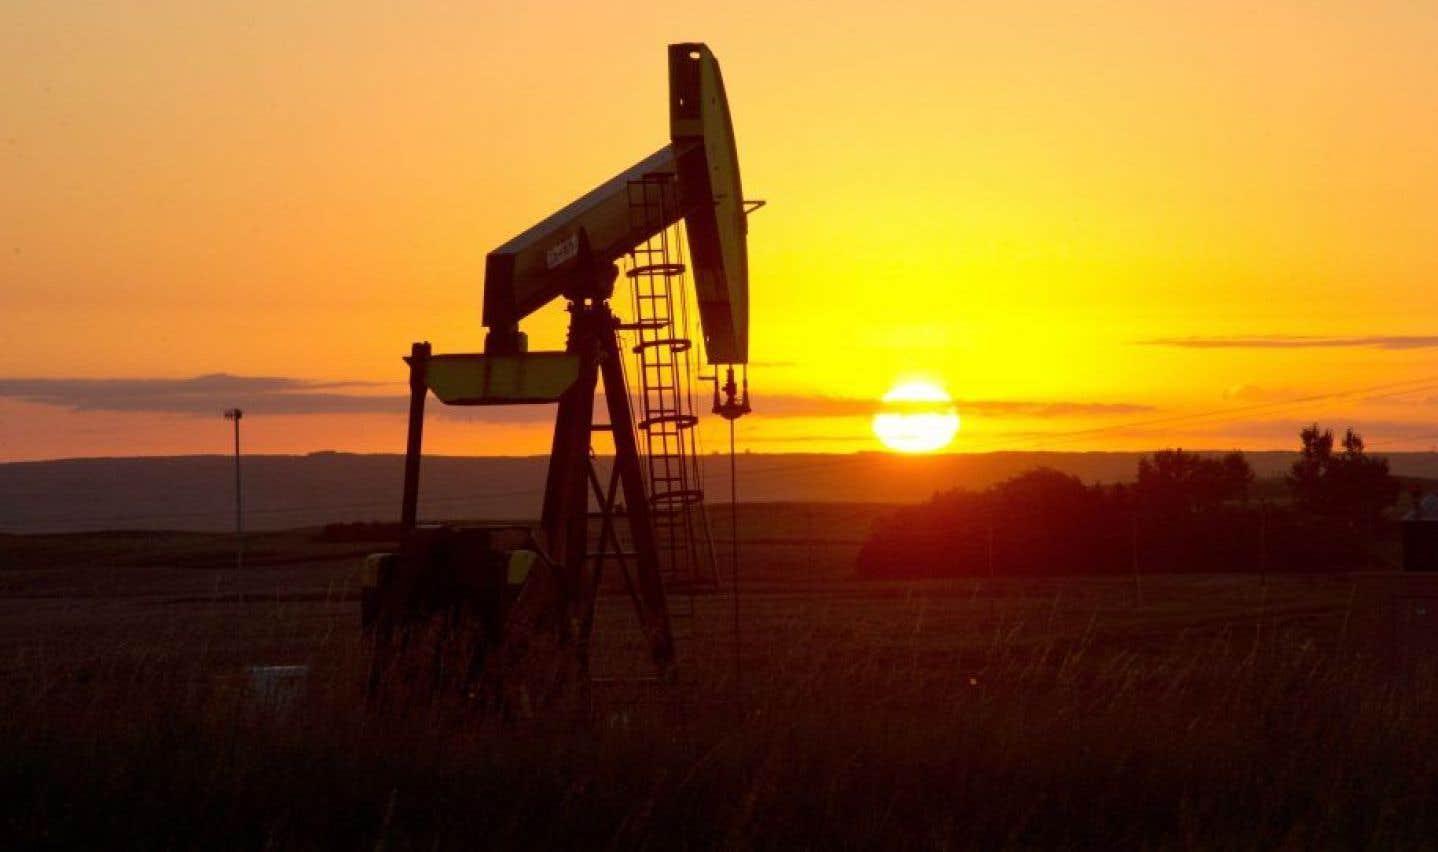 Les subventions canadiennes aux énergies fossiles ont atteint 3,3milliards en 2015